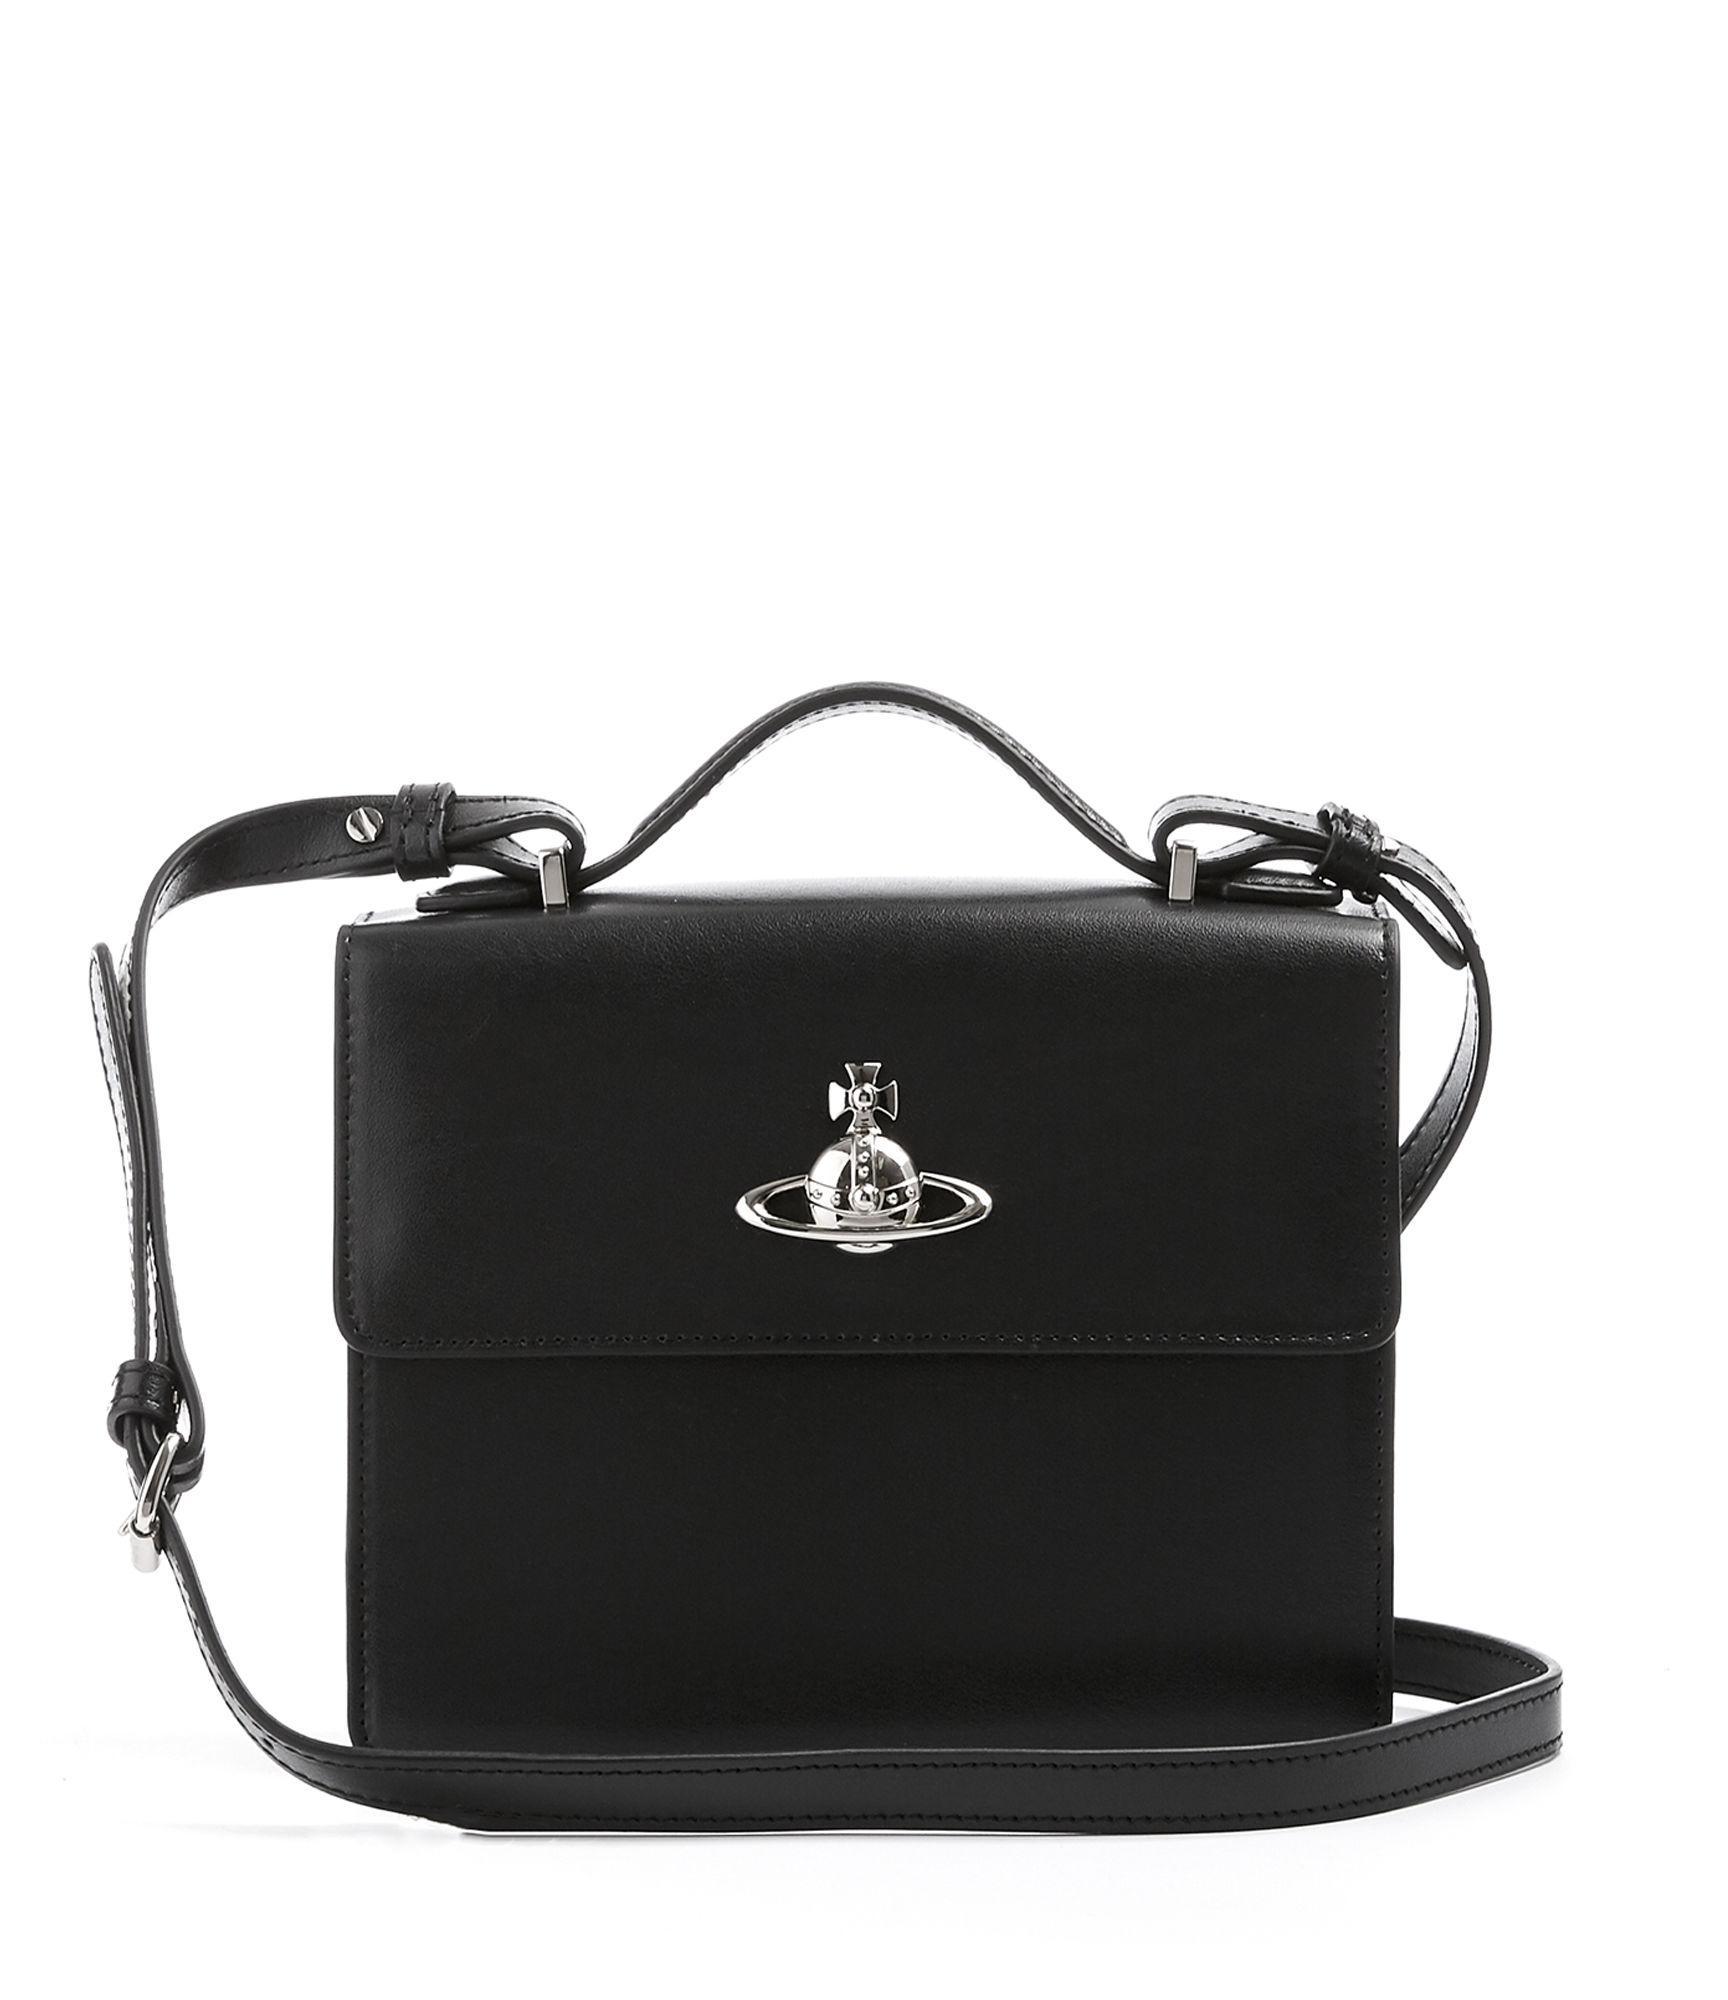 e6a2bb45ca00 Vivienne Westwood Matilda Medium Shoulder Bag | ModeSens